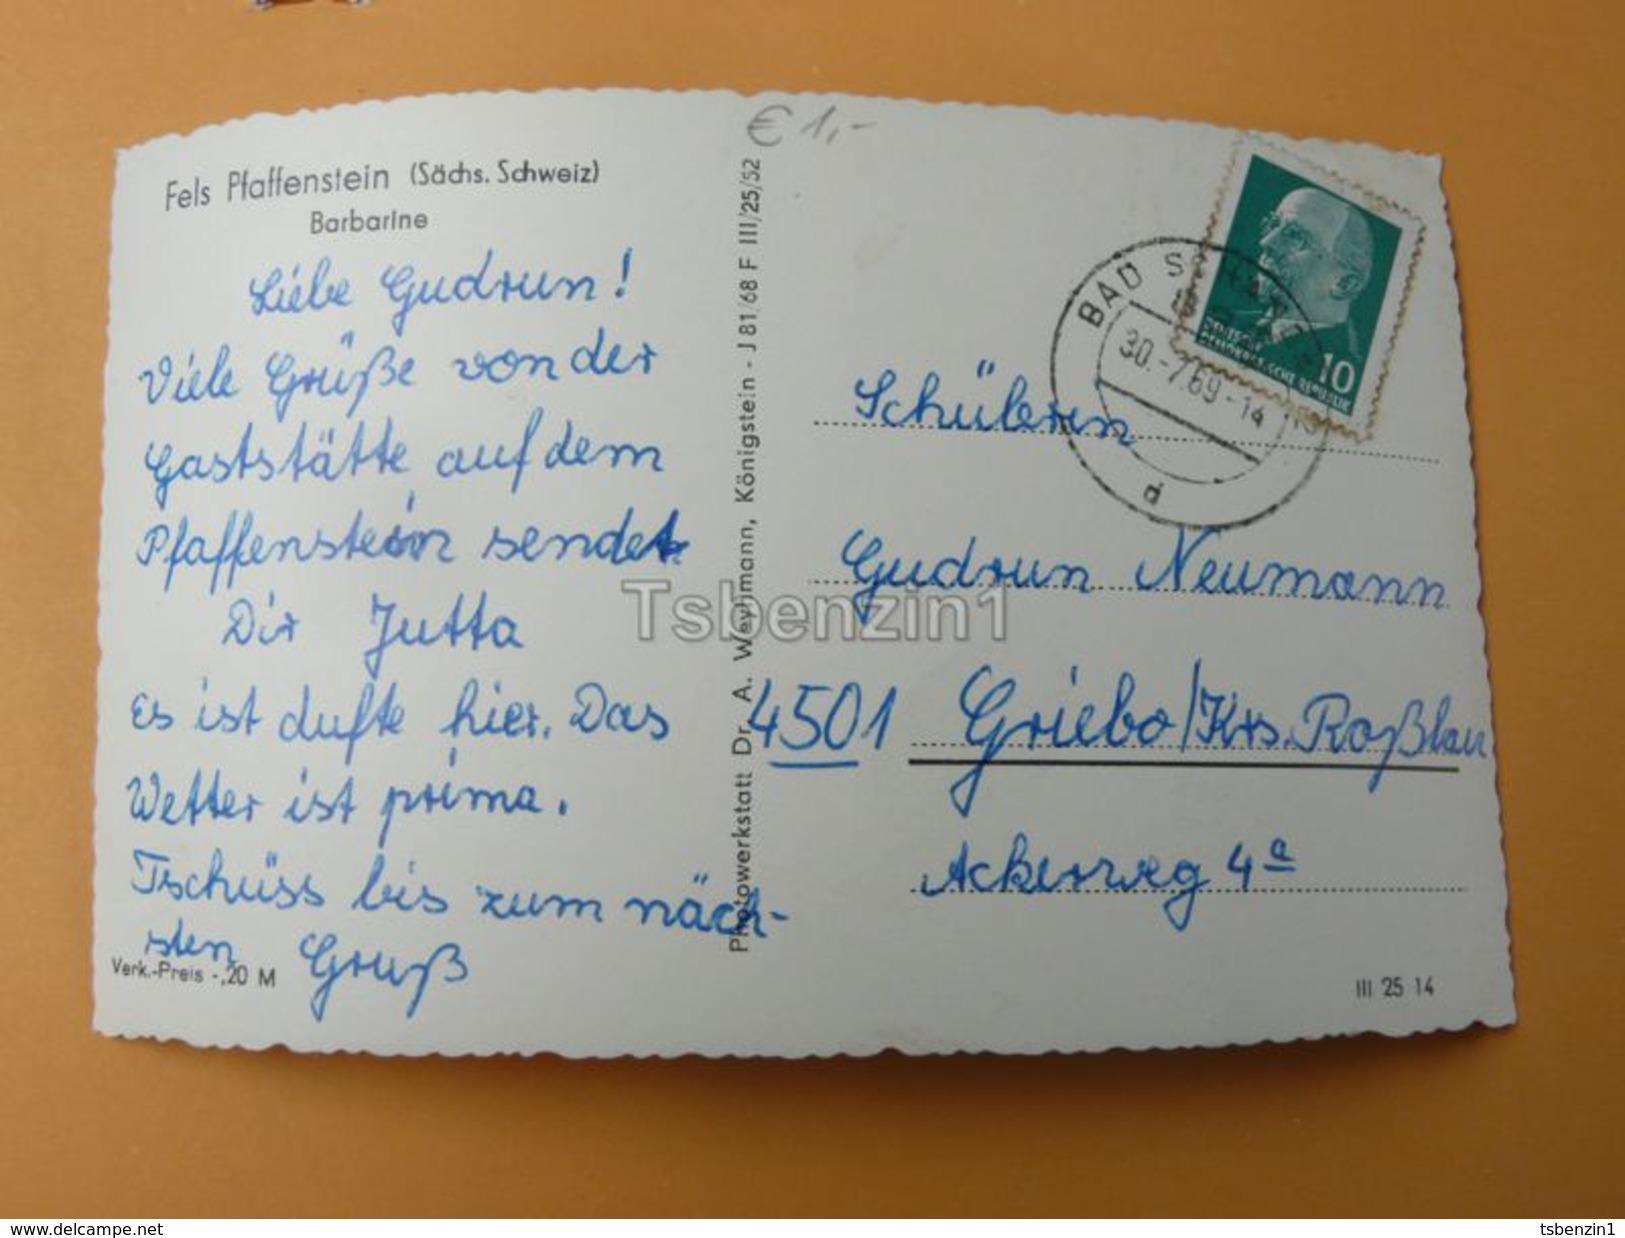 Fels Pfaffenstein, Germany - Germania